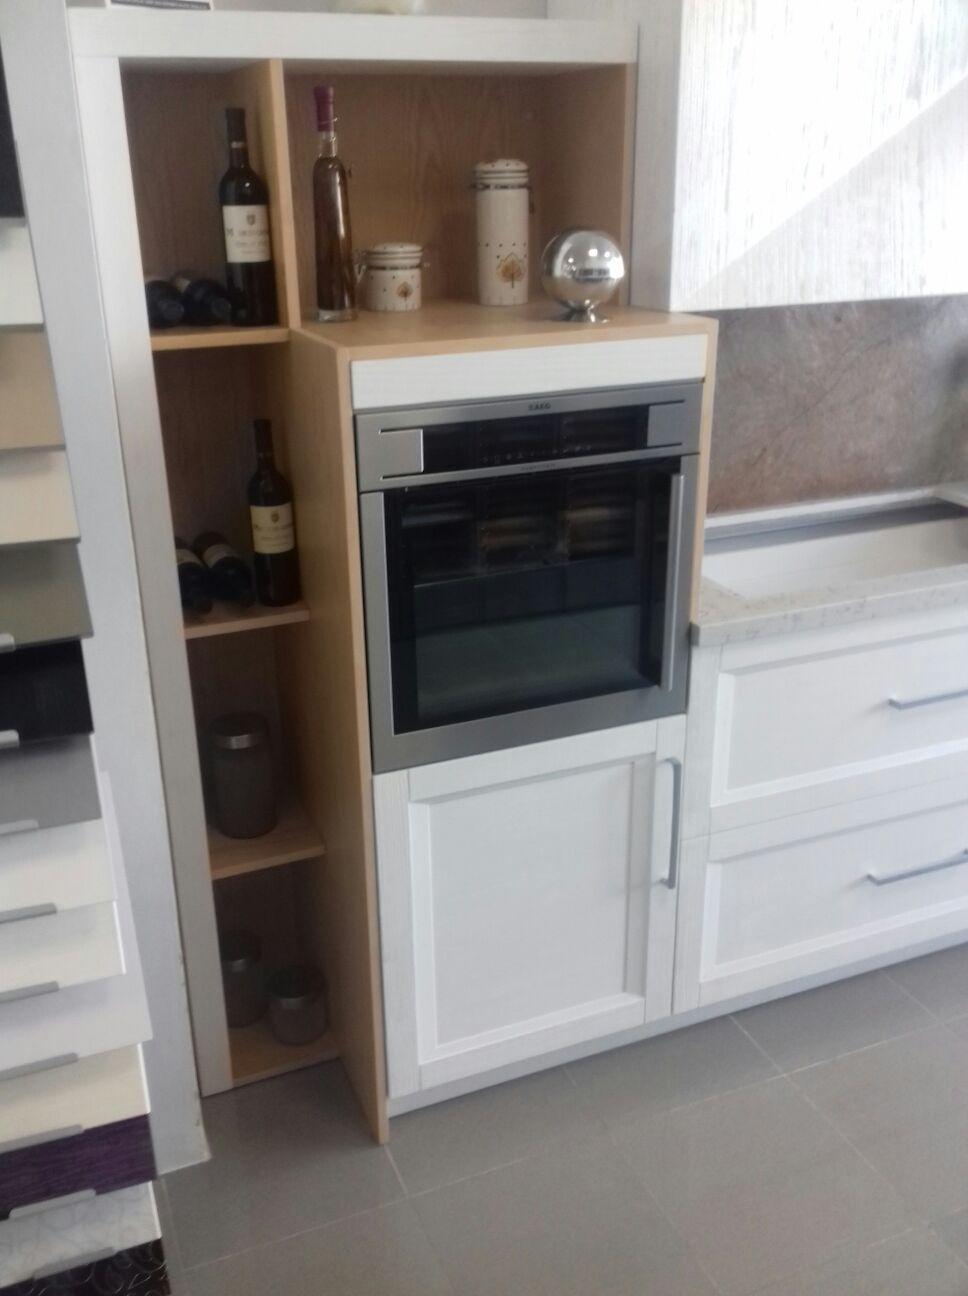 Cocina de exposici n 3 dise o e instalaci n de cocinas for Muebles cocina milanuncios